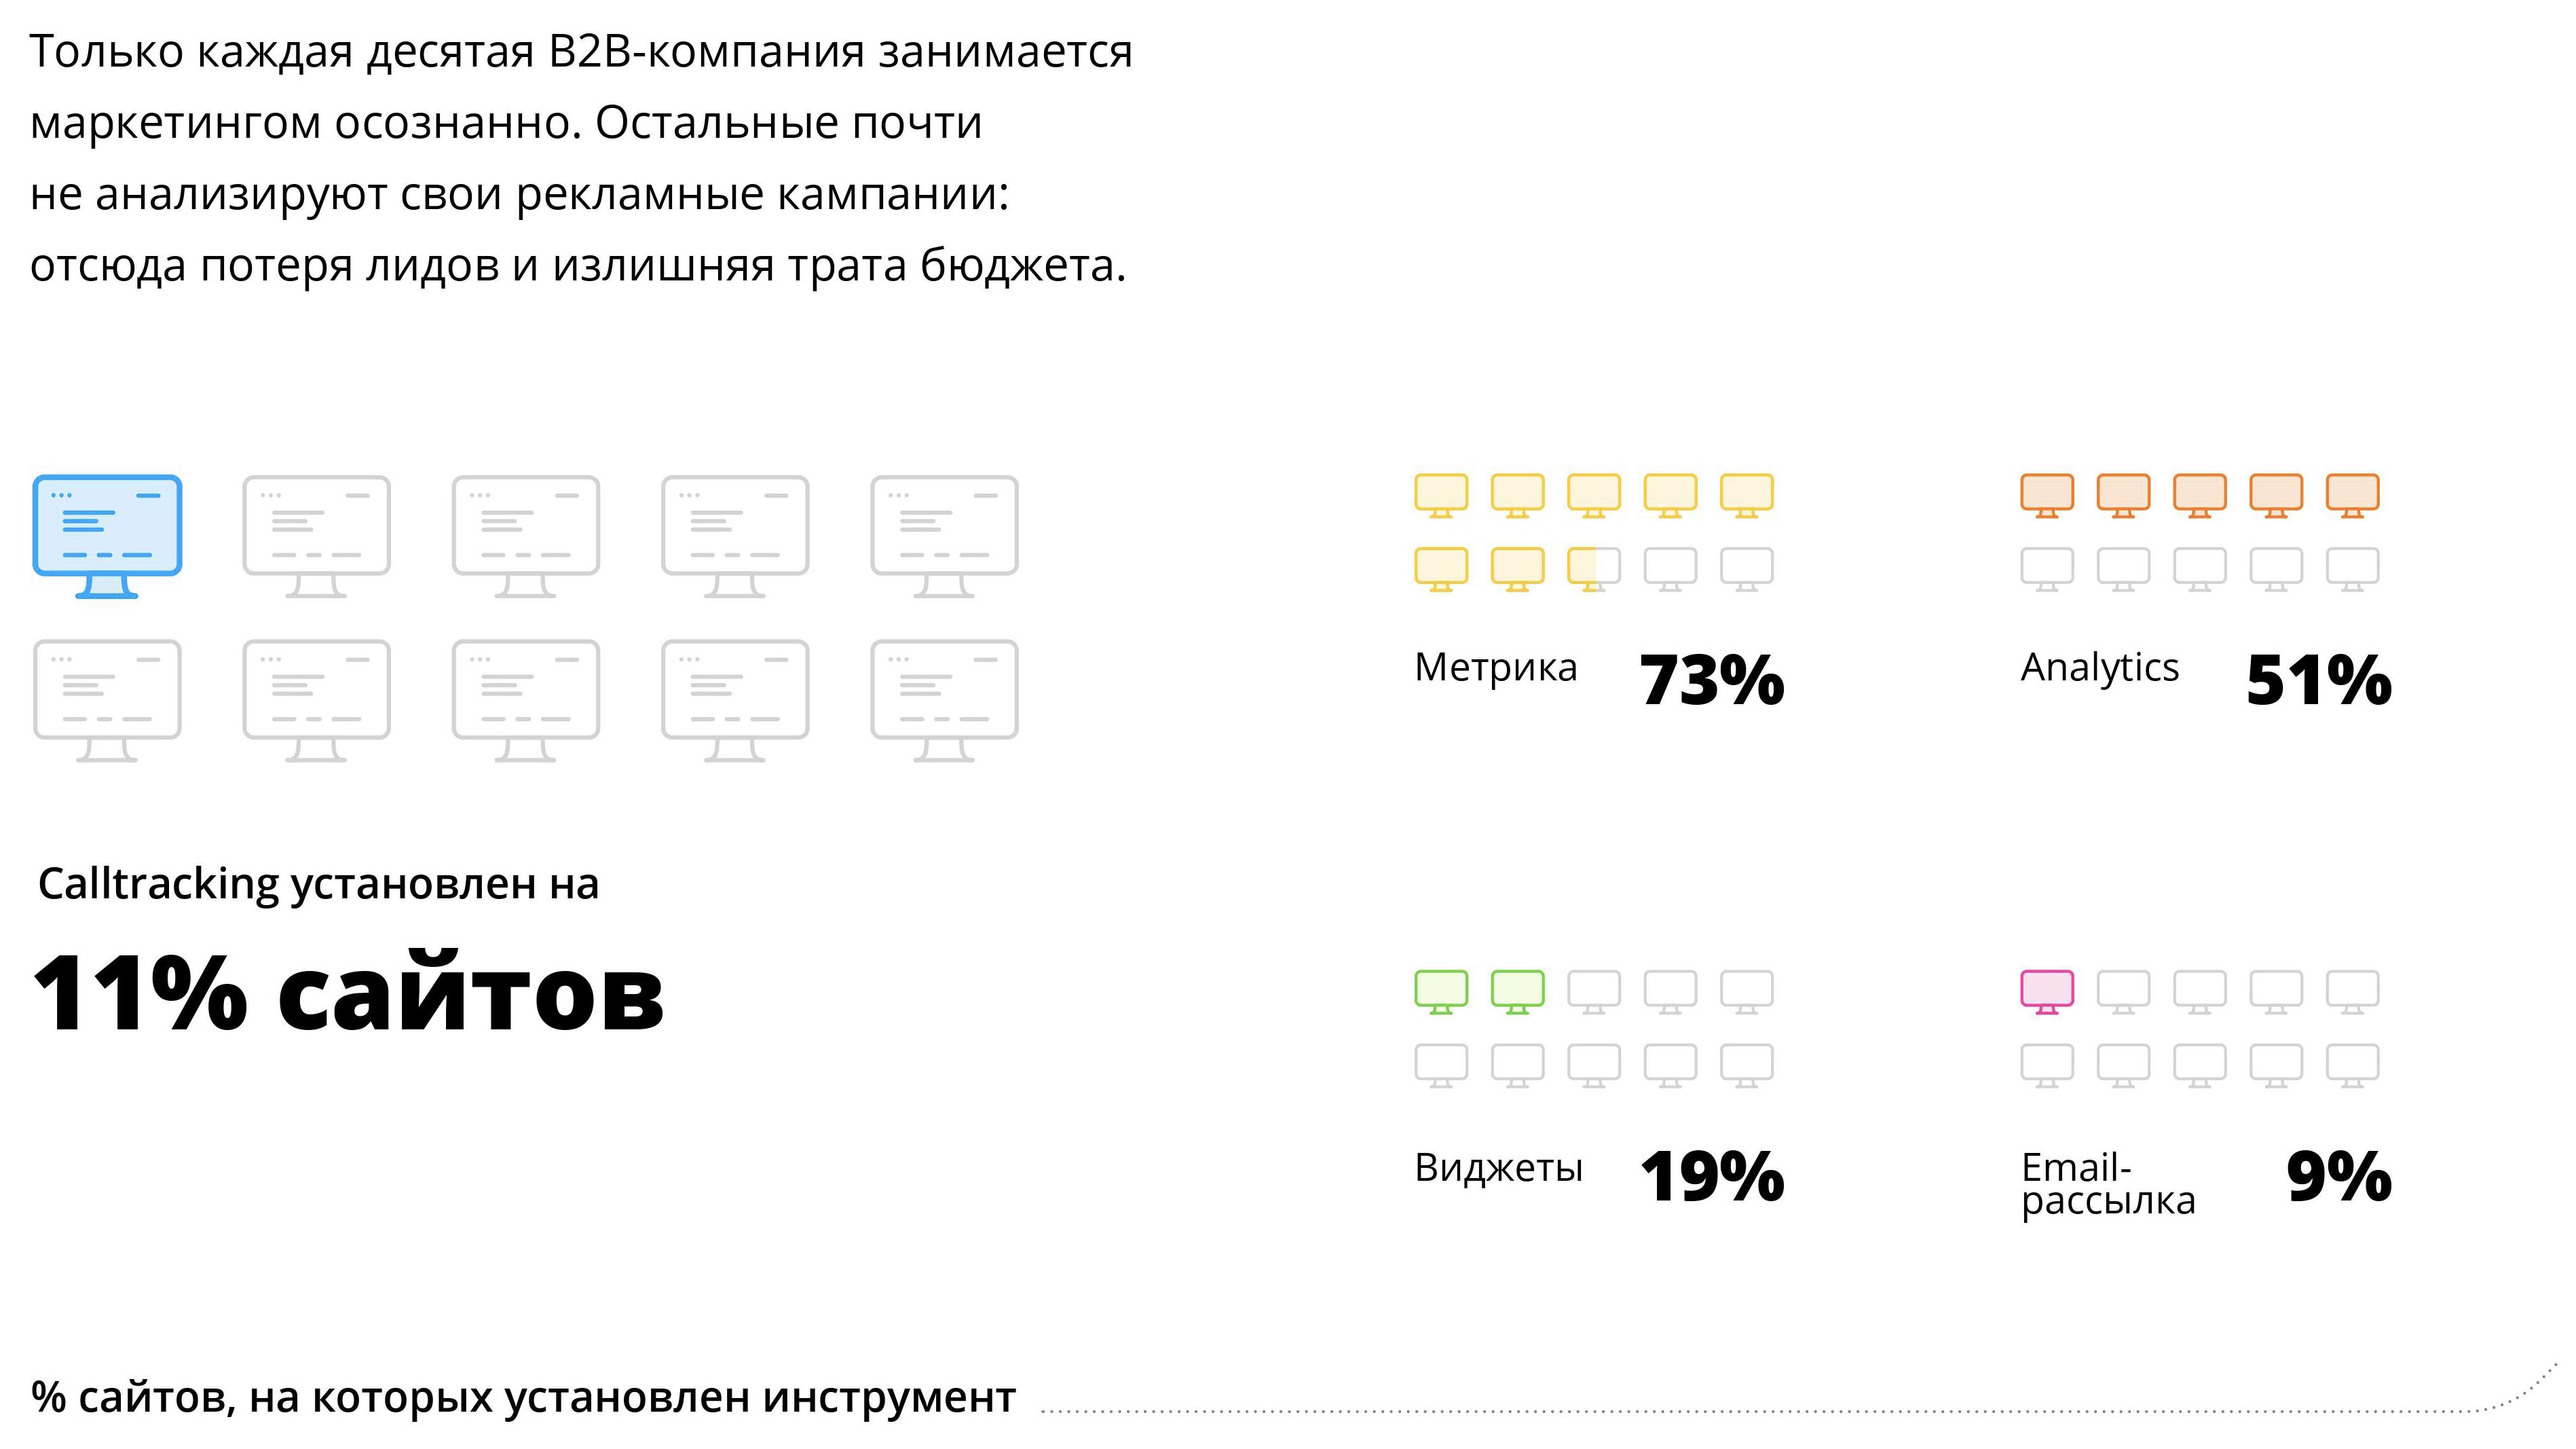 Инструменты маркетинга на b2b-сайтах